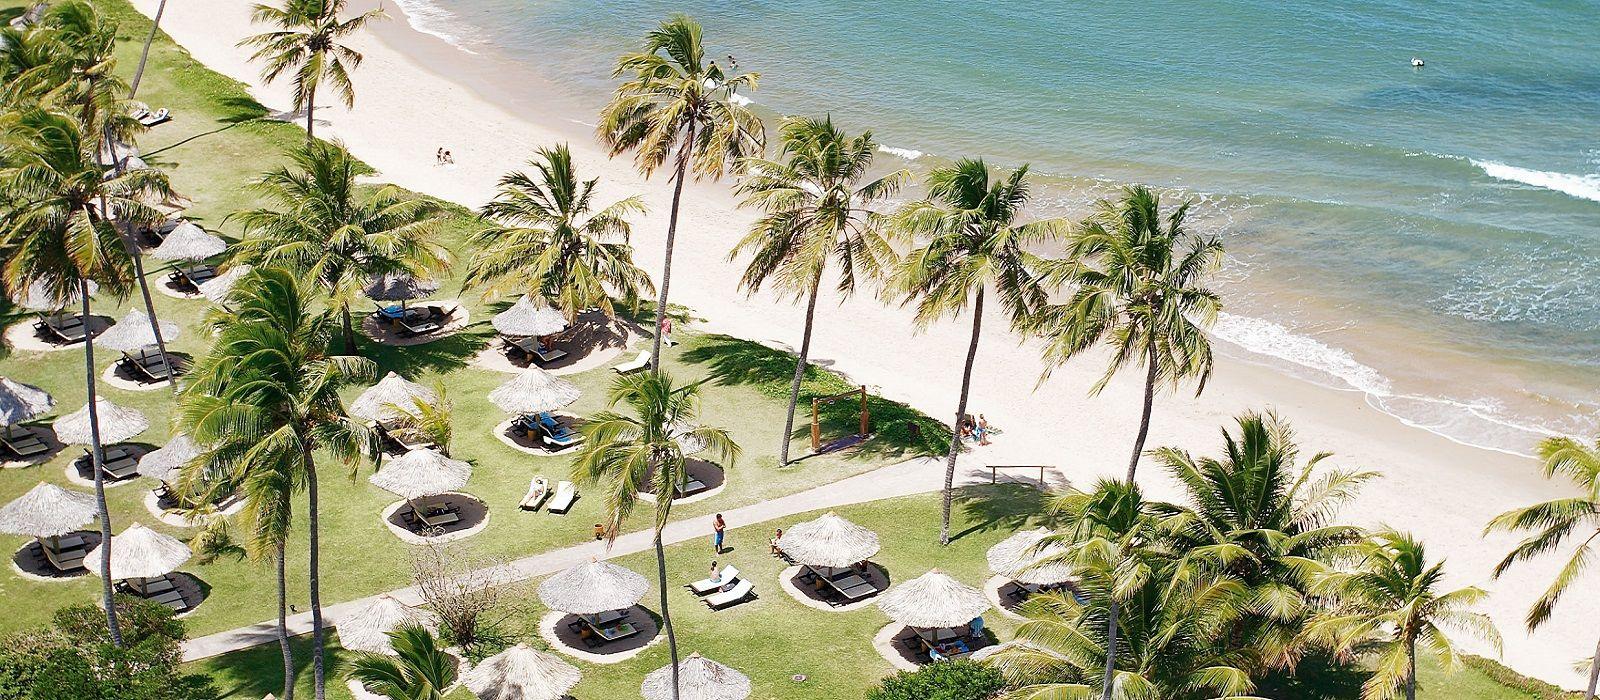 Brazil's Beaches, Rio and the Amazon Tour Trip 5